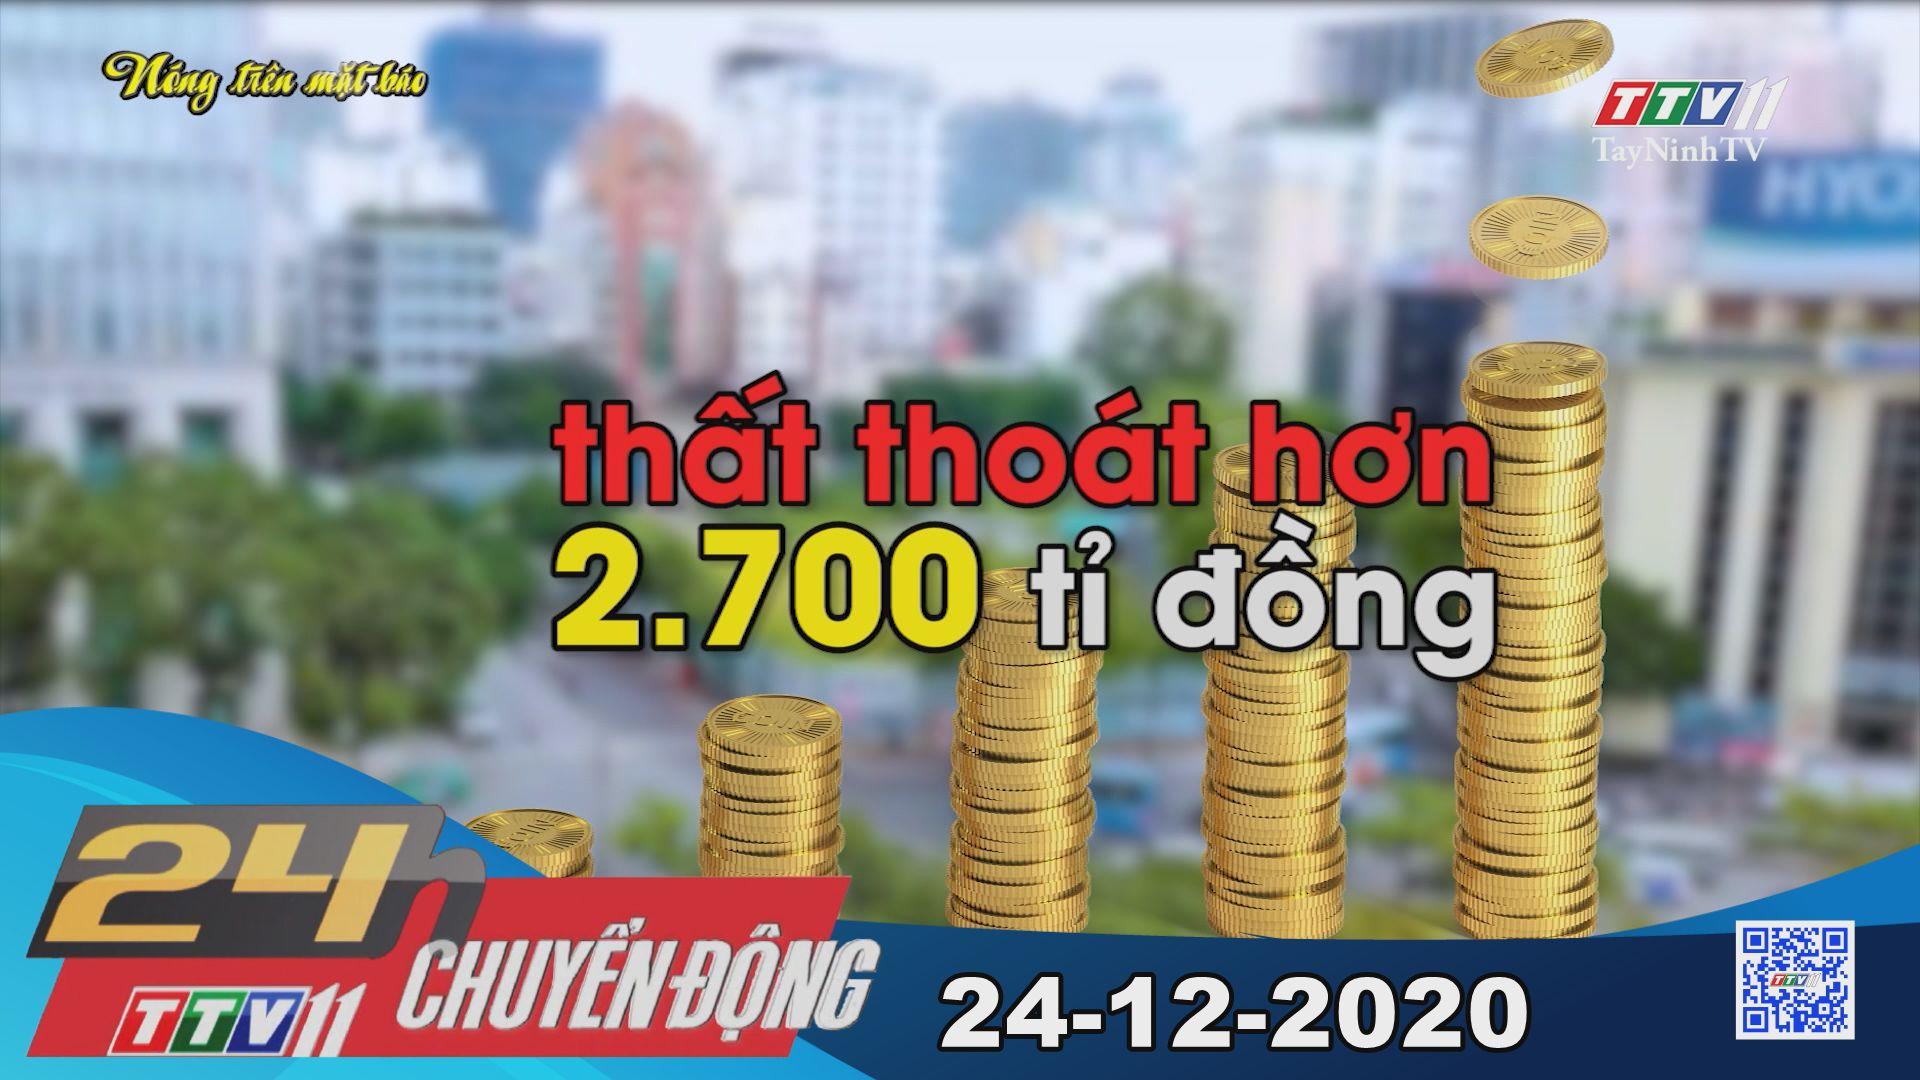 24h Chuyển động 24-12-2020   Tin tức hôm nay   TayNinhTV